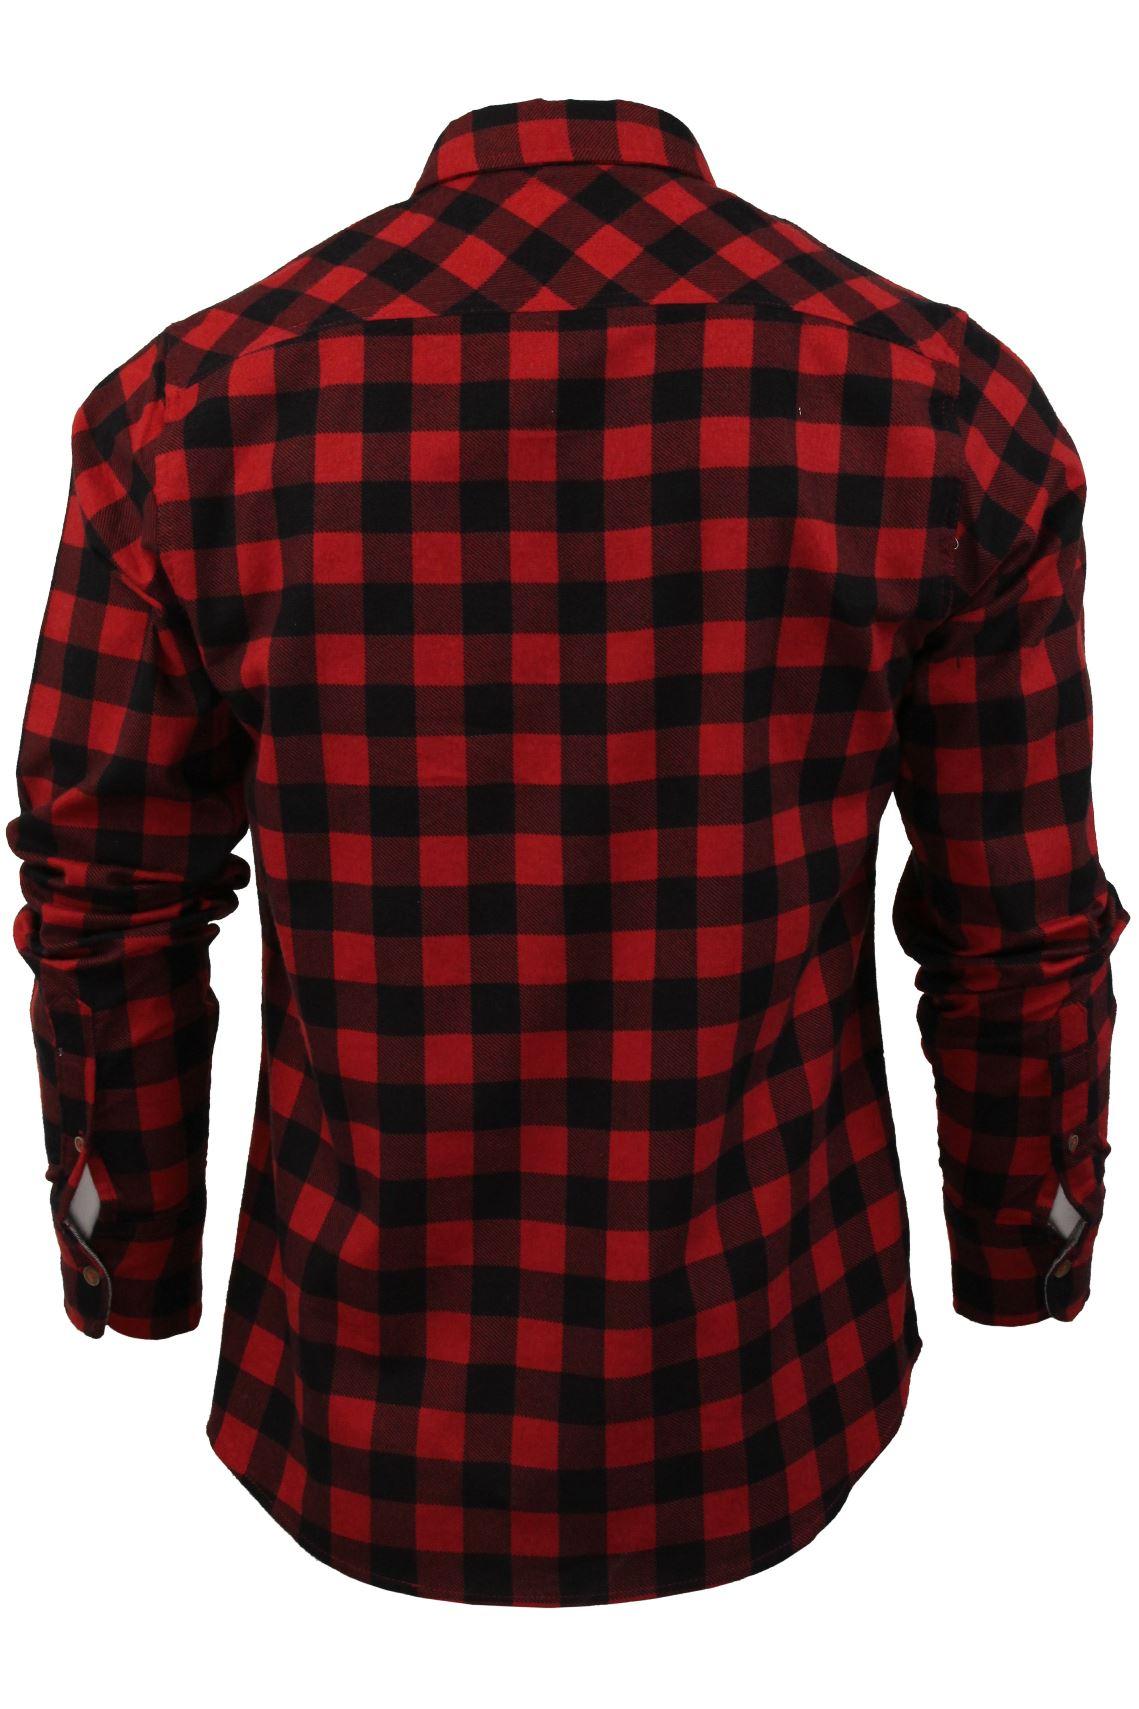 Verificacion-de-franela-de-algodon-cepillado-alma-valiente-camisa-de-mangas-largas-De-Jack miniatura 9